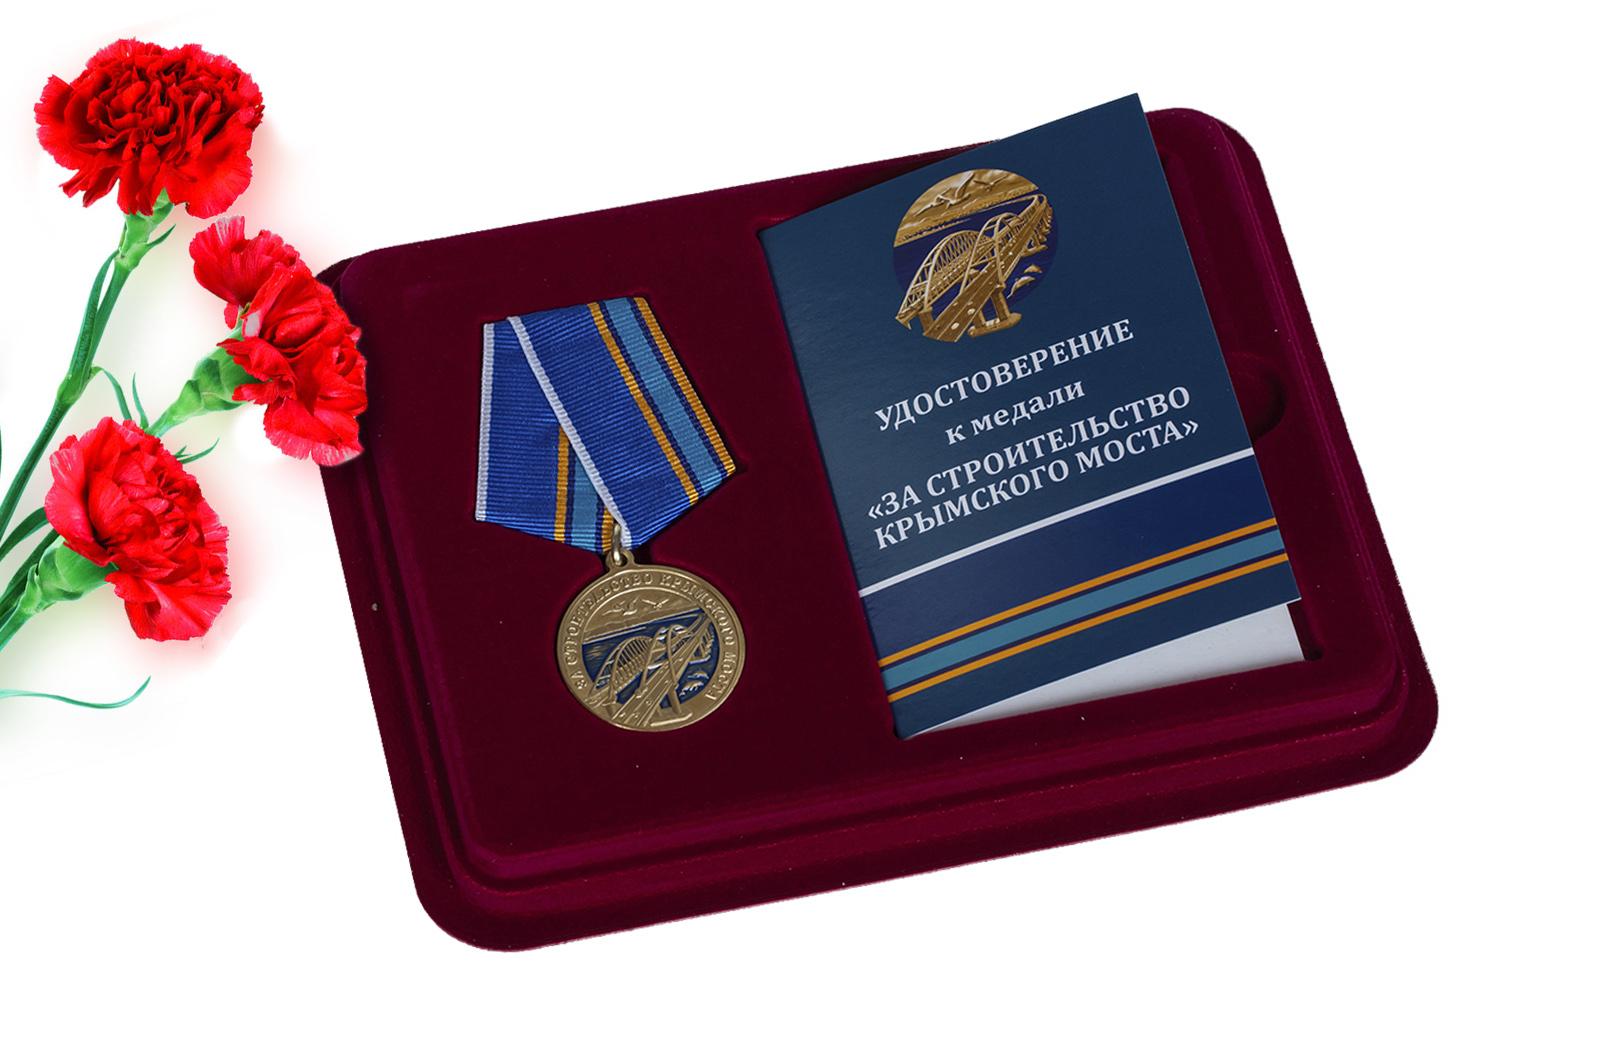 Купить памятную медаль За строительство Крымского моста по лучшей цене